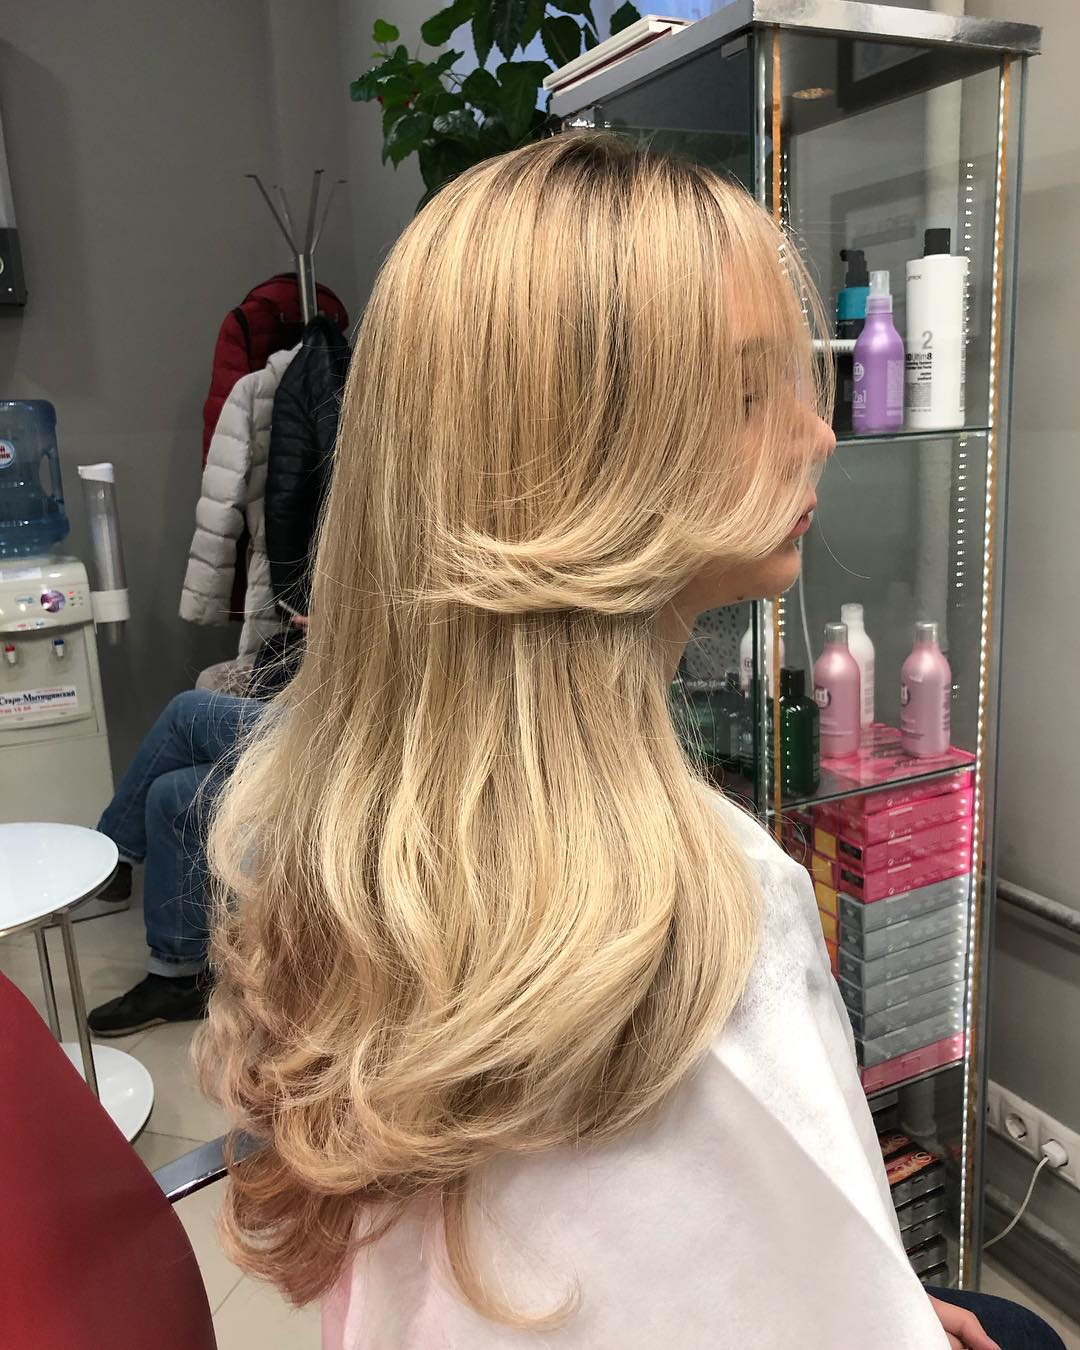 Cores-de-cabelo-2019-Fotos-inspiração-e-dicas-de-tintura-de-cabelo